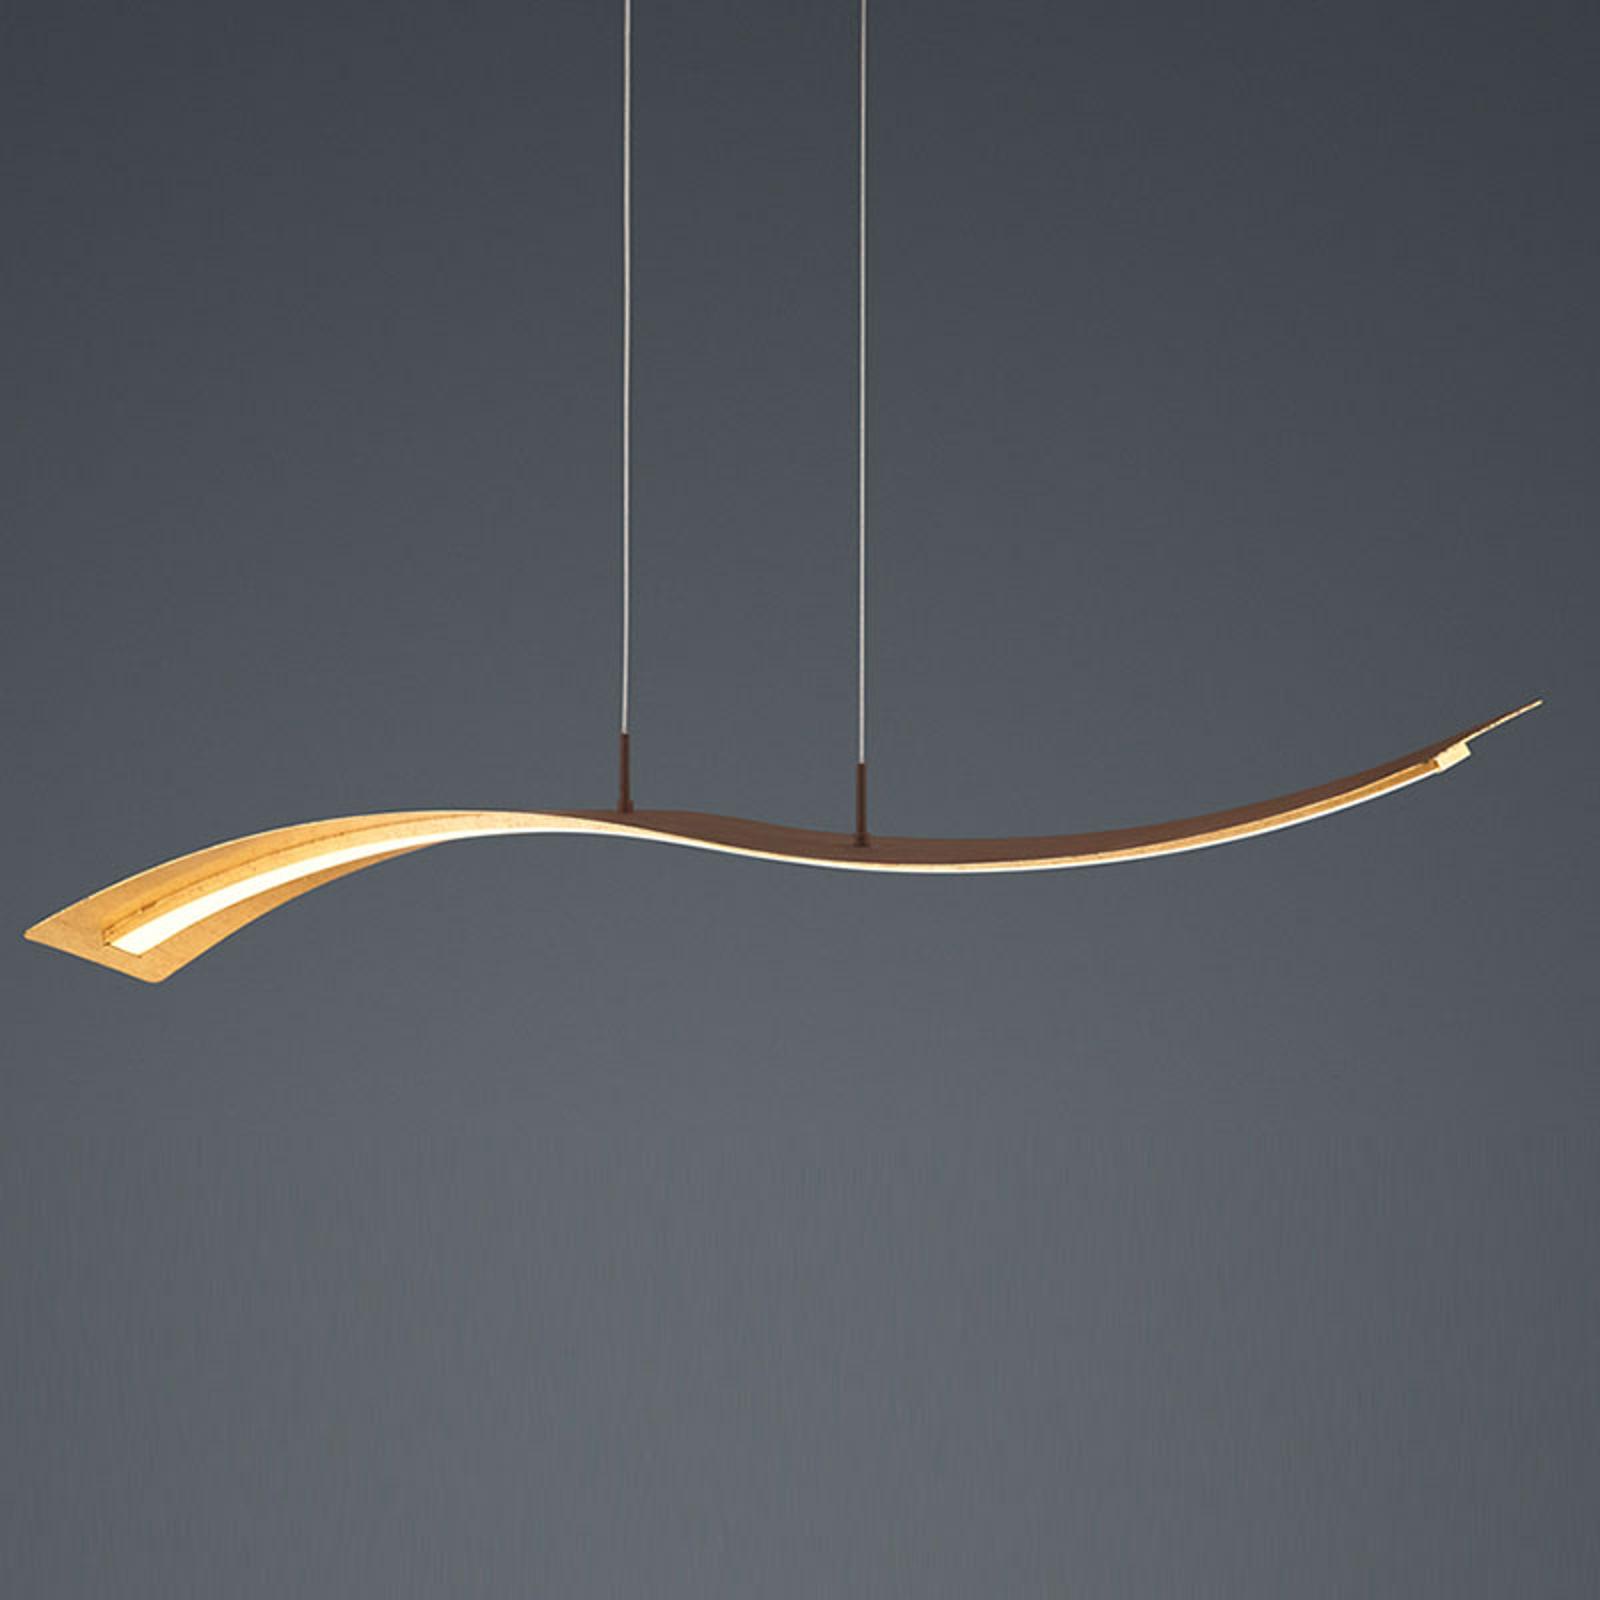 Lampa wisząca LED Salerno, SwitchDim, złota